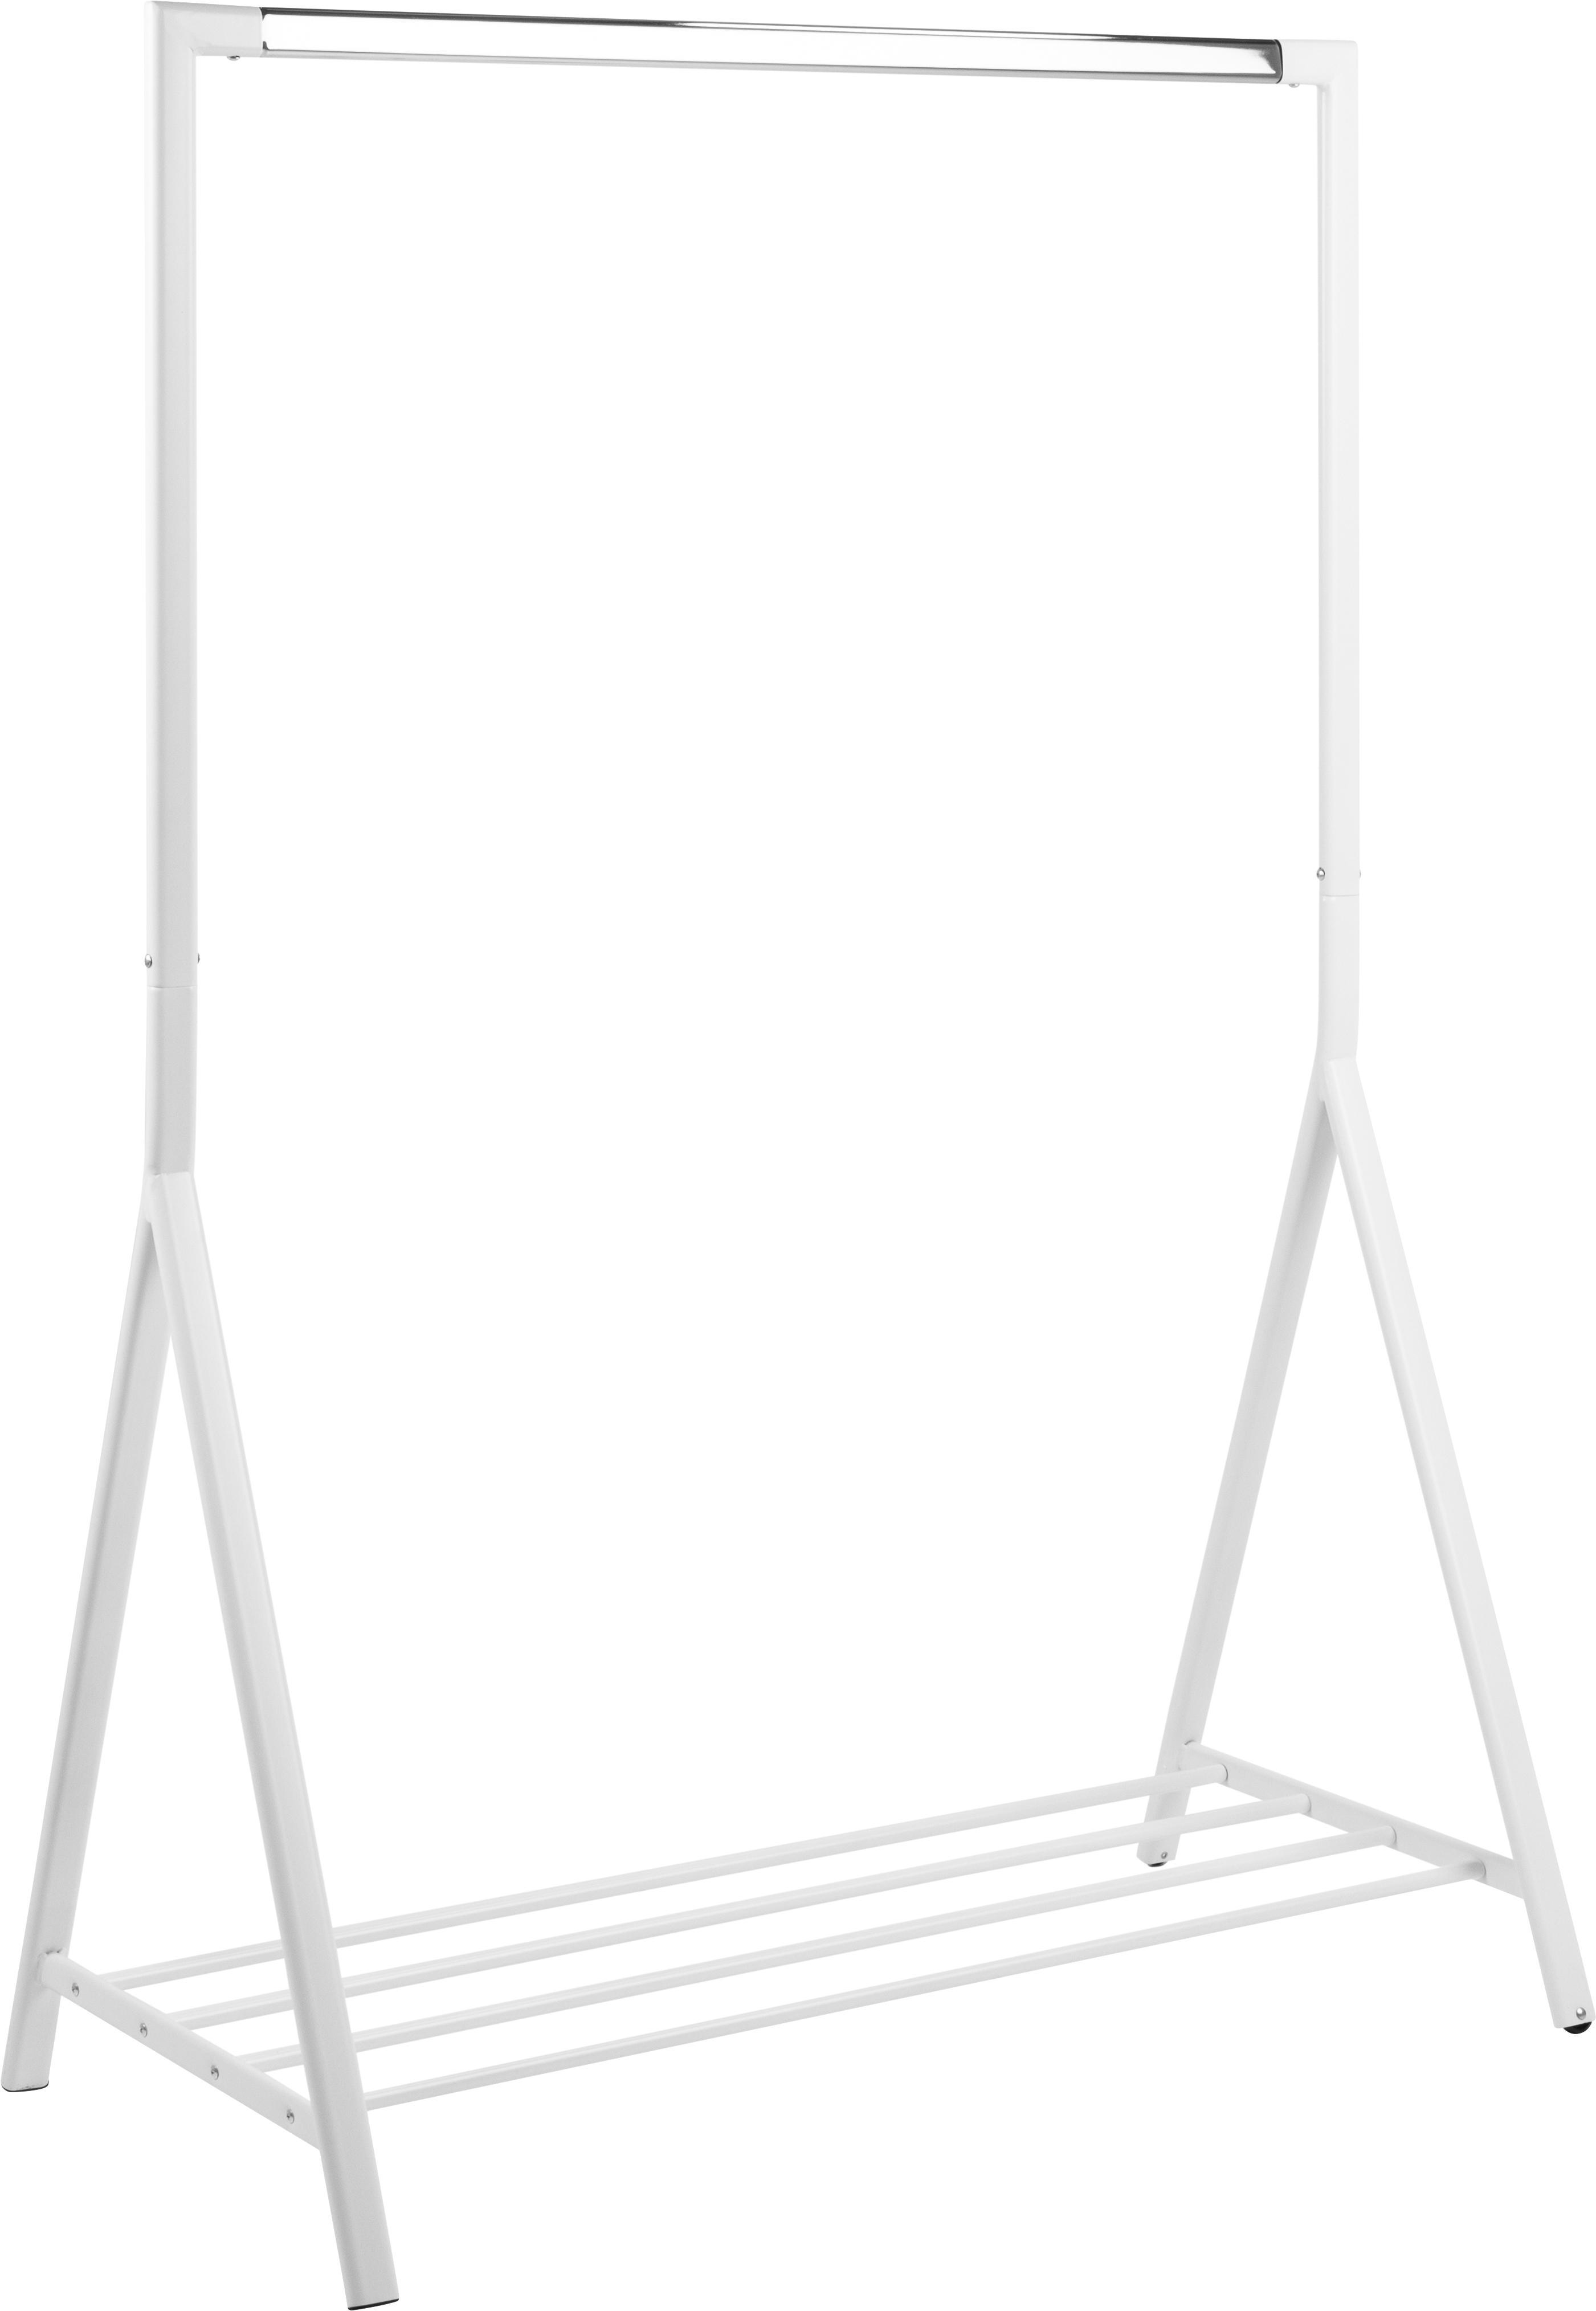 Metalen kapstok Brent met plank, Gecoat metaal, Wit, B 117 x D 59 cm